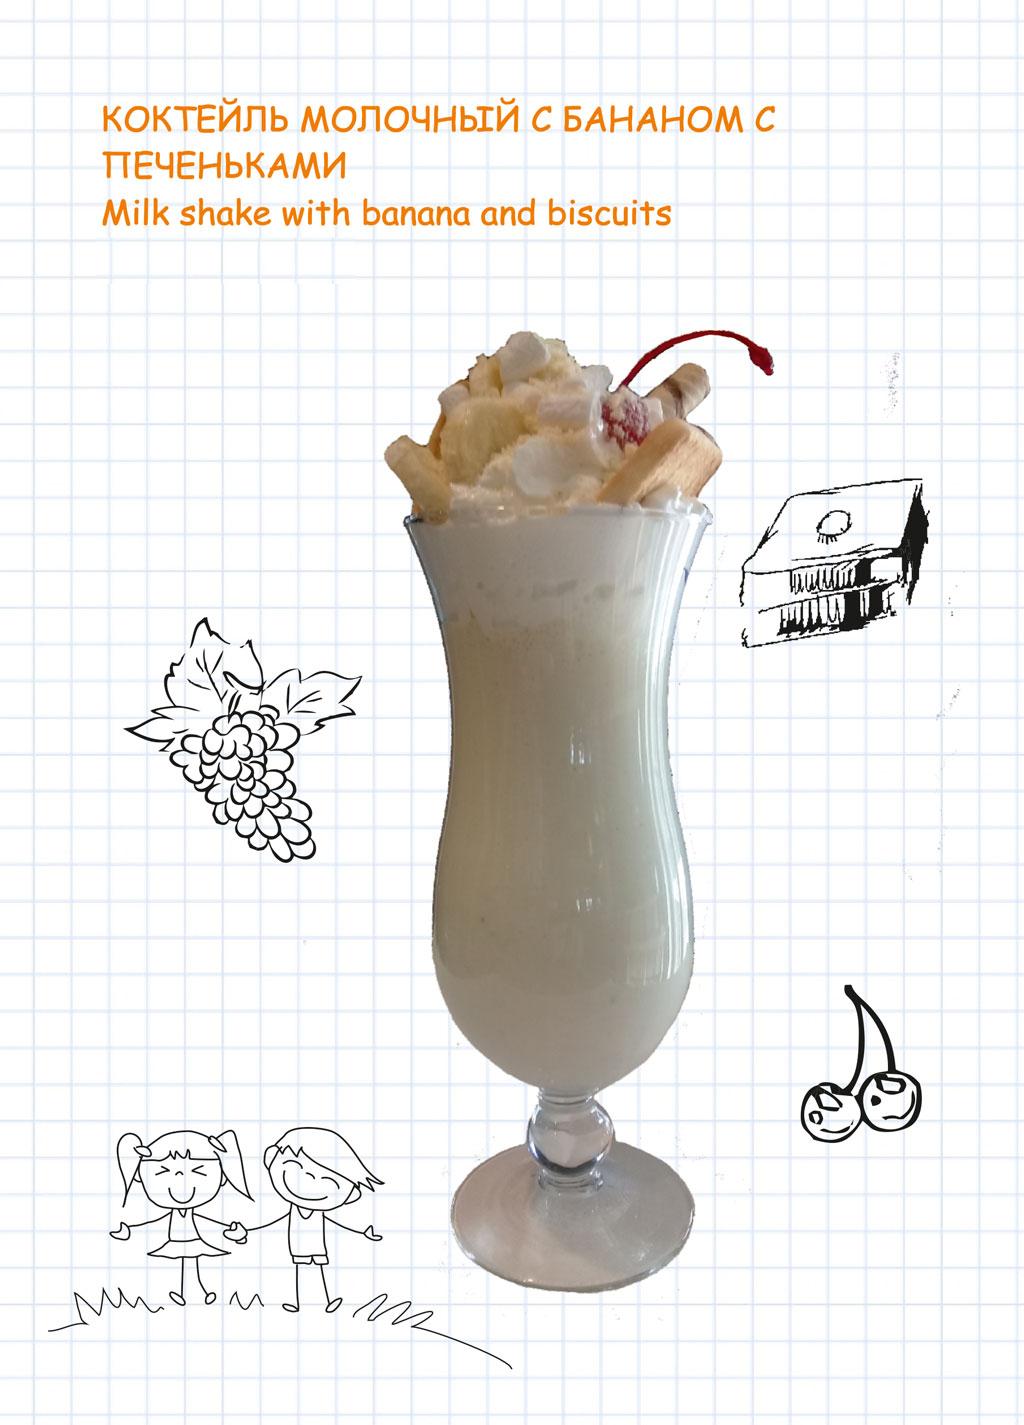 Коктейль молочный с бананом с печеньками (Milk shake with banana and biscuits) в ресторане Аннам Брахма в Оренбурге